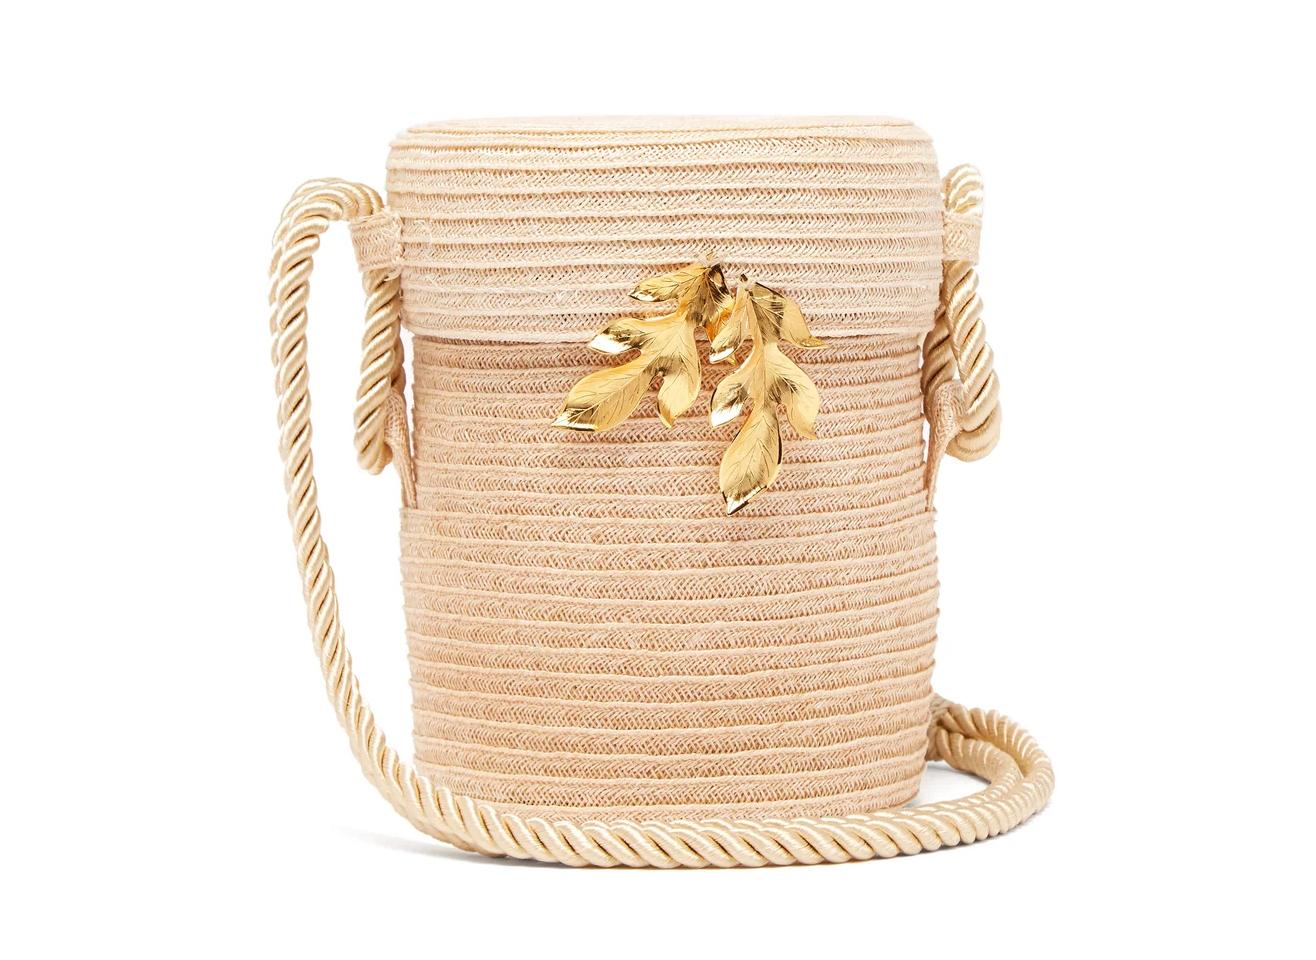 Rebecca De Ravenel Embellished Straw Bag in Neutral